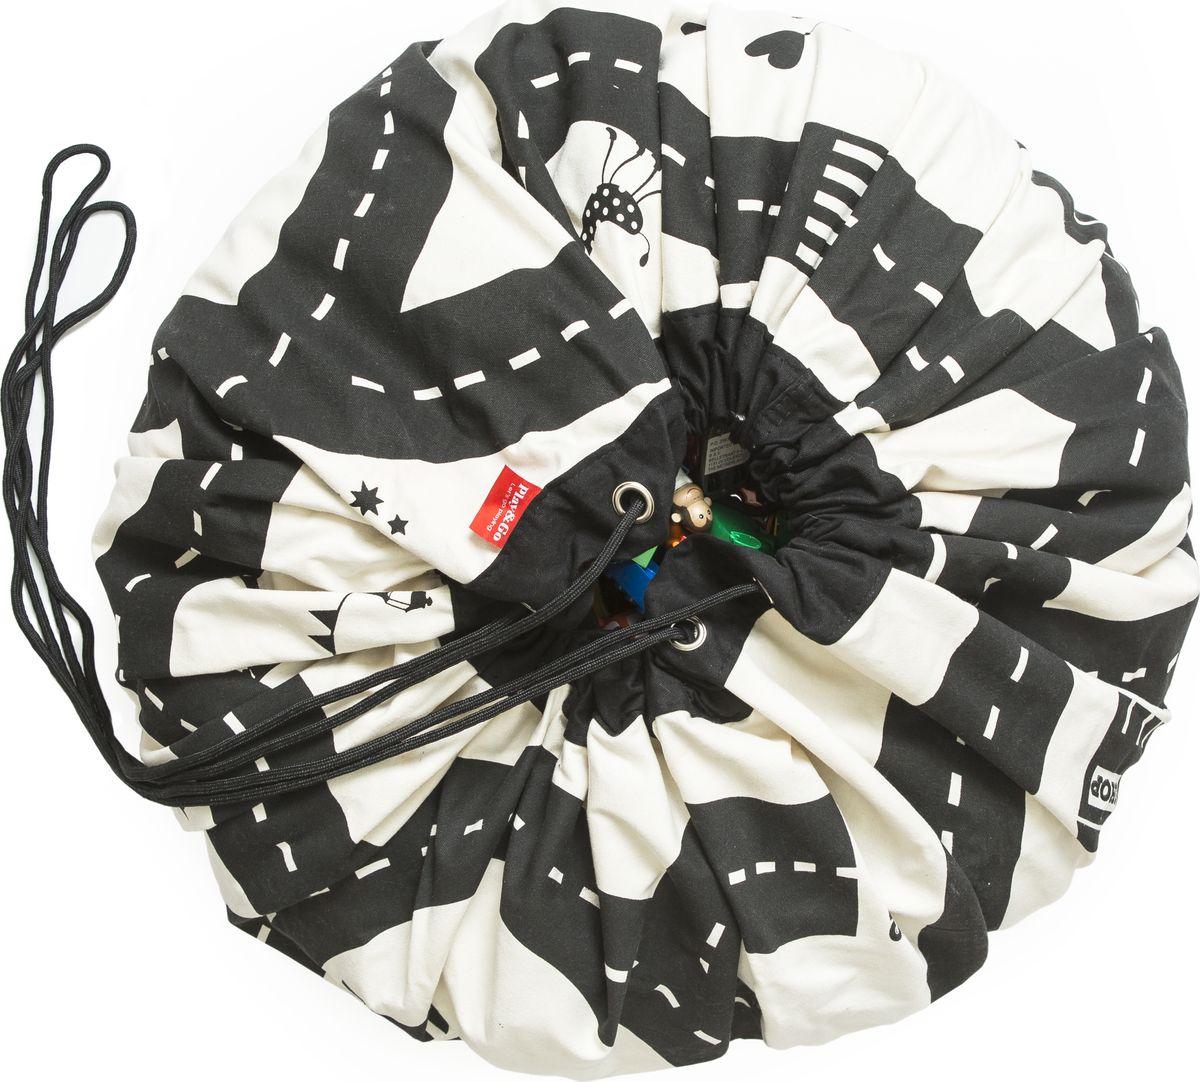 Play&Go Мешок для игрушек Print Дорожная карта79972Хранение игрушек в вашем доме - настоящая проблема?Откройте для себя мешки Play&Go!Это простой и эффективный способ хранения игрушек. Кроме того, это необычайно весело! Два в одном: мешок для хранения игрушек – это ещё и игровой коврик – настоящая мечта каждого малыша. Даже хранение деталей конструктора перестанет быть проблемой, а также хранение кукол, машинок, мячиков, кубиков – все это легко собирается одним движением. Диаметр: 140 смУход: стирка при температуре 30°CМатериал: 70% хлопок, 30% полиэстер